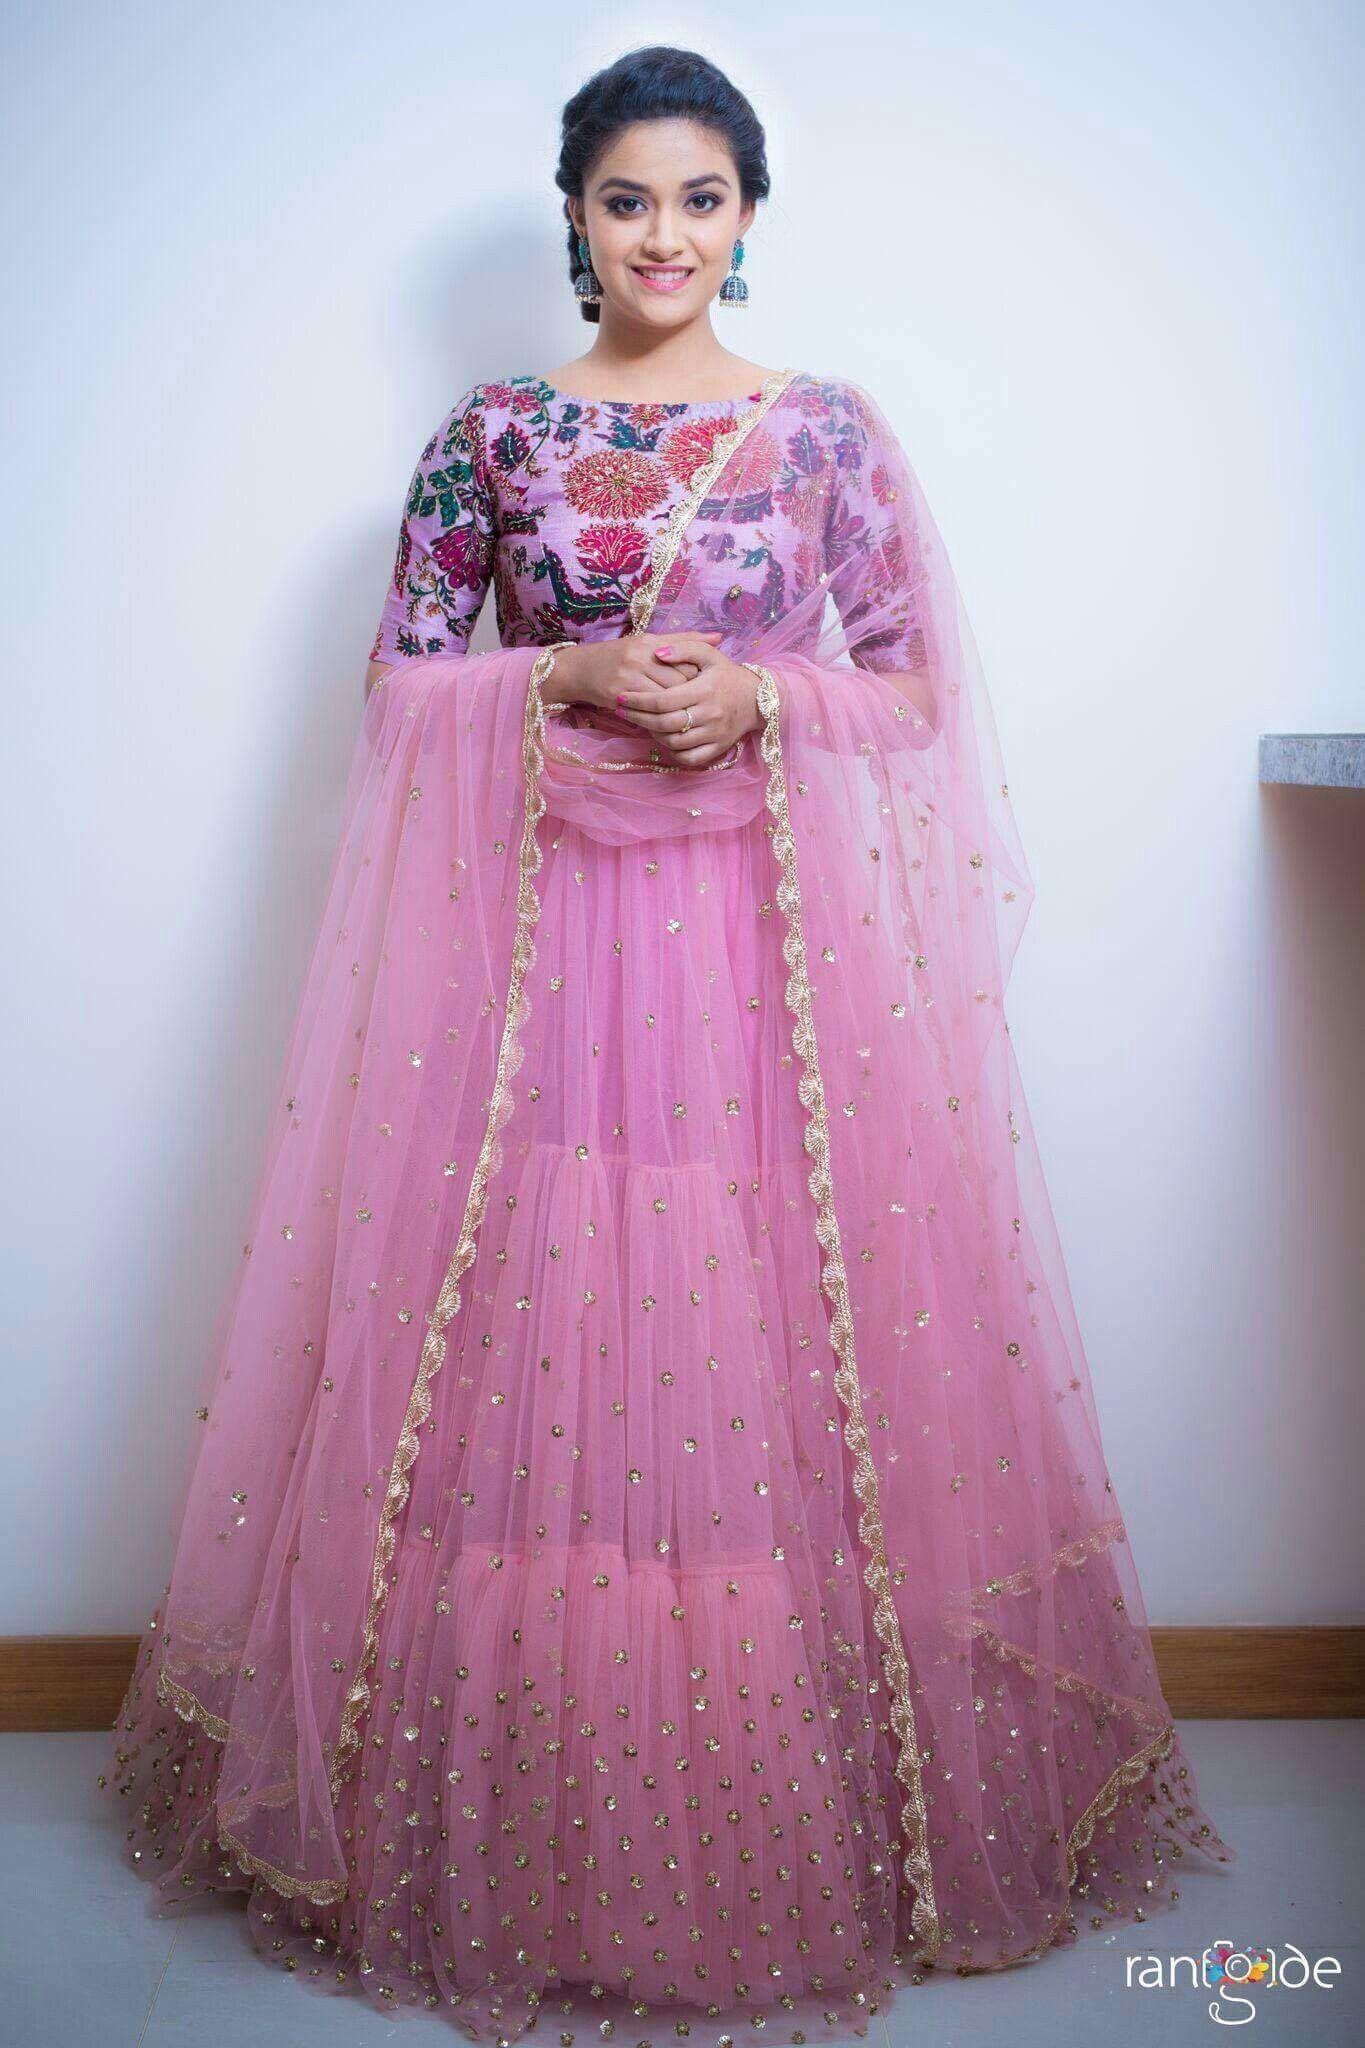 Pin de Sonam en Brides | Pinterest | Sumo y Ropa